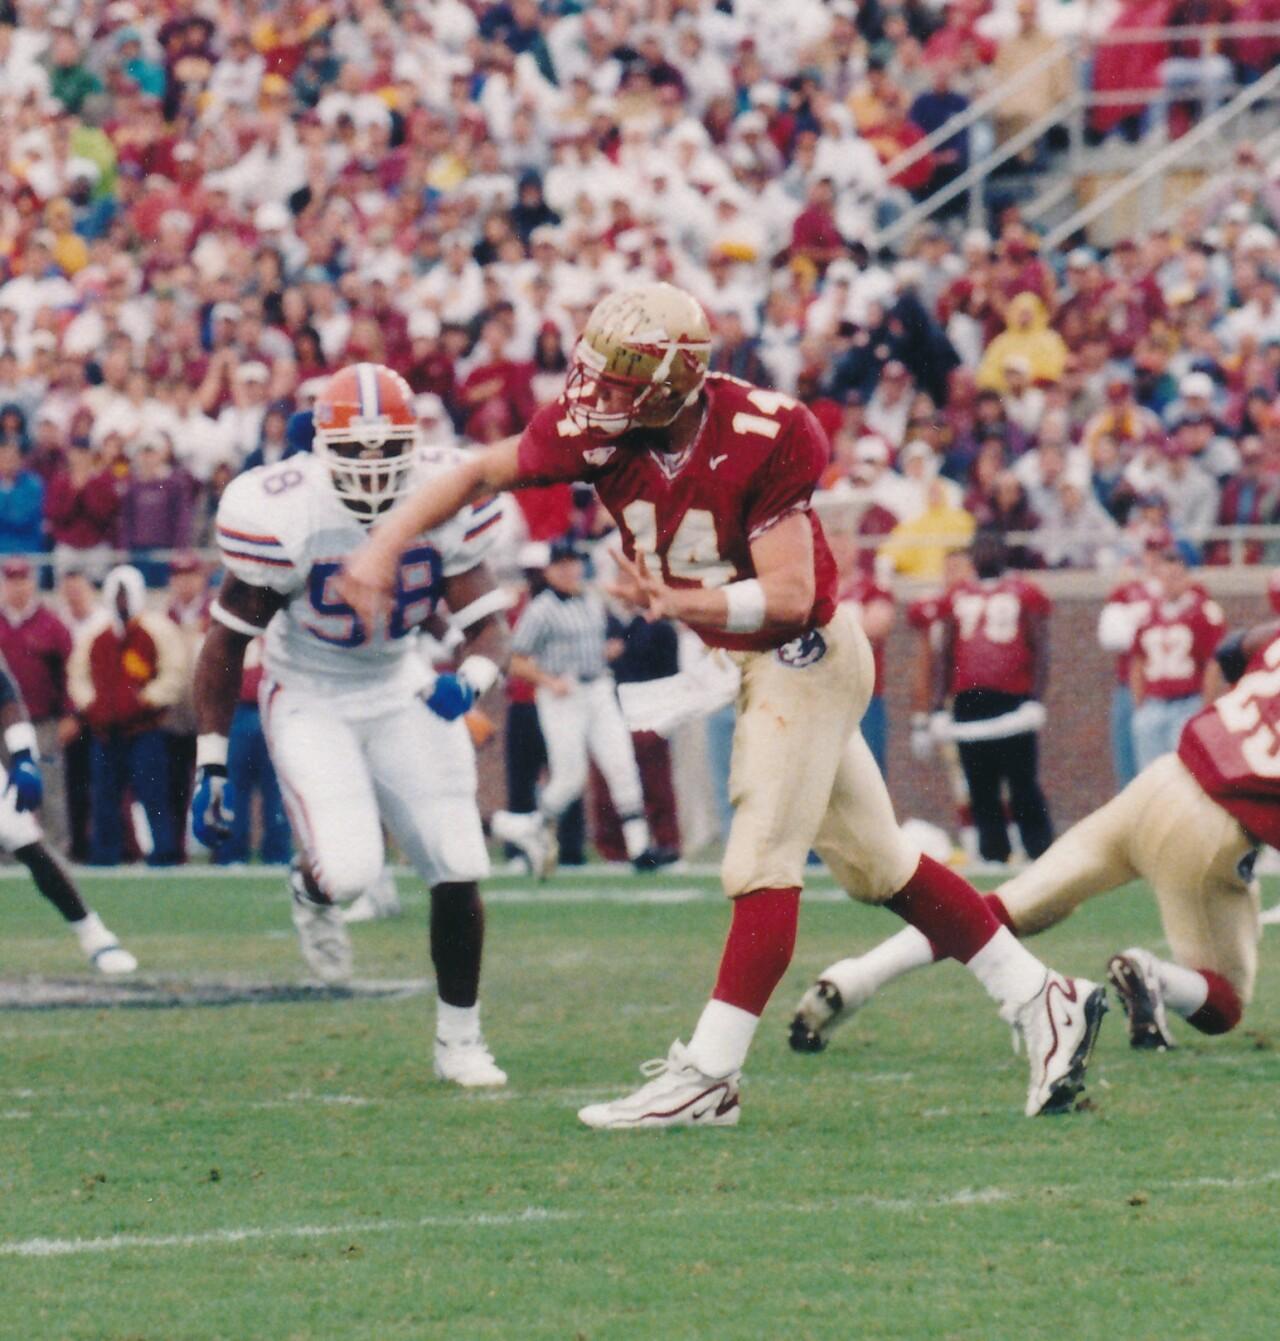 Florida State Seminoles QB Marcus Outzen throws vs. Florida Gators in 1998